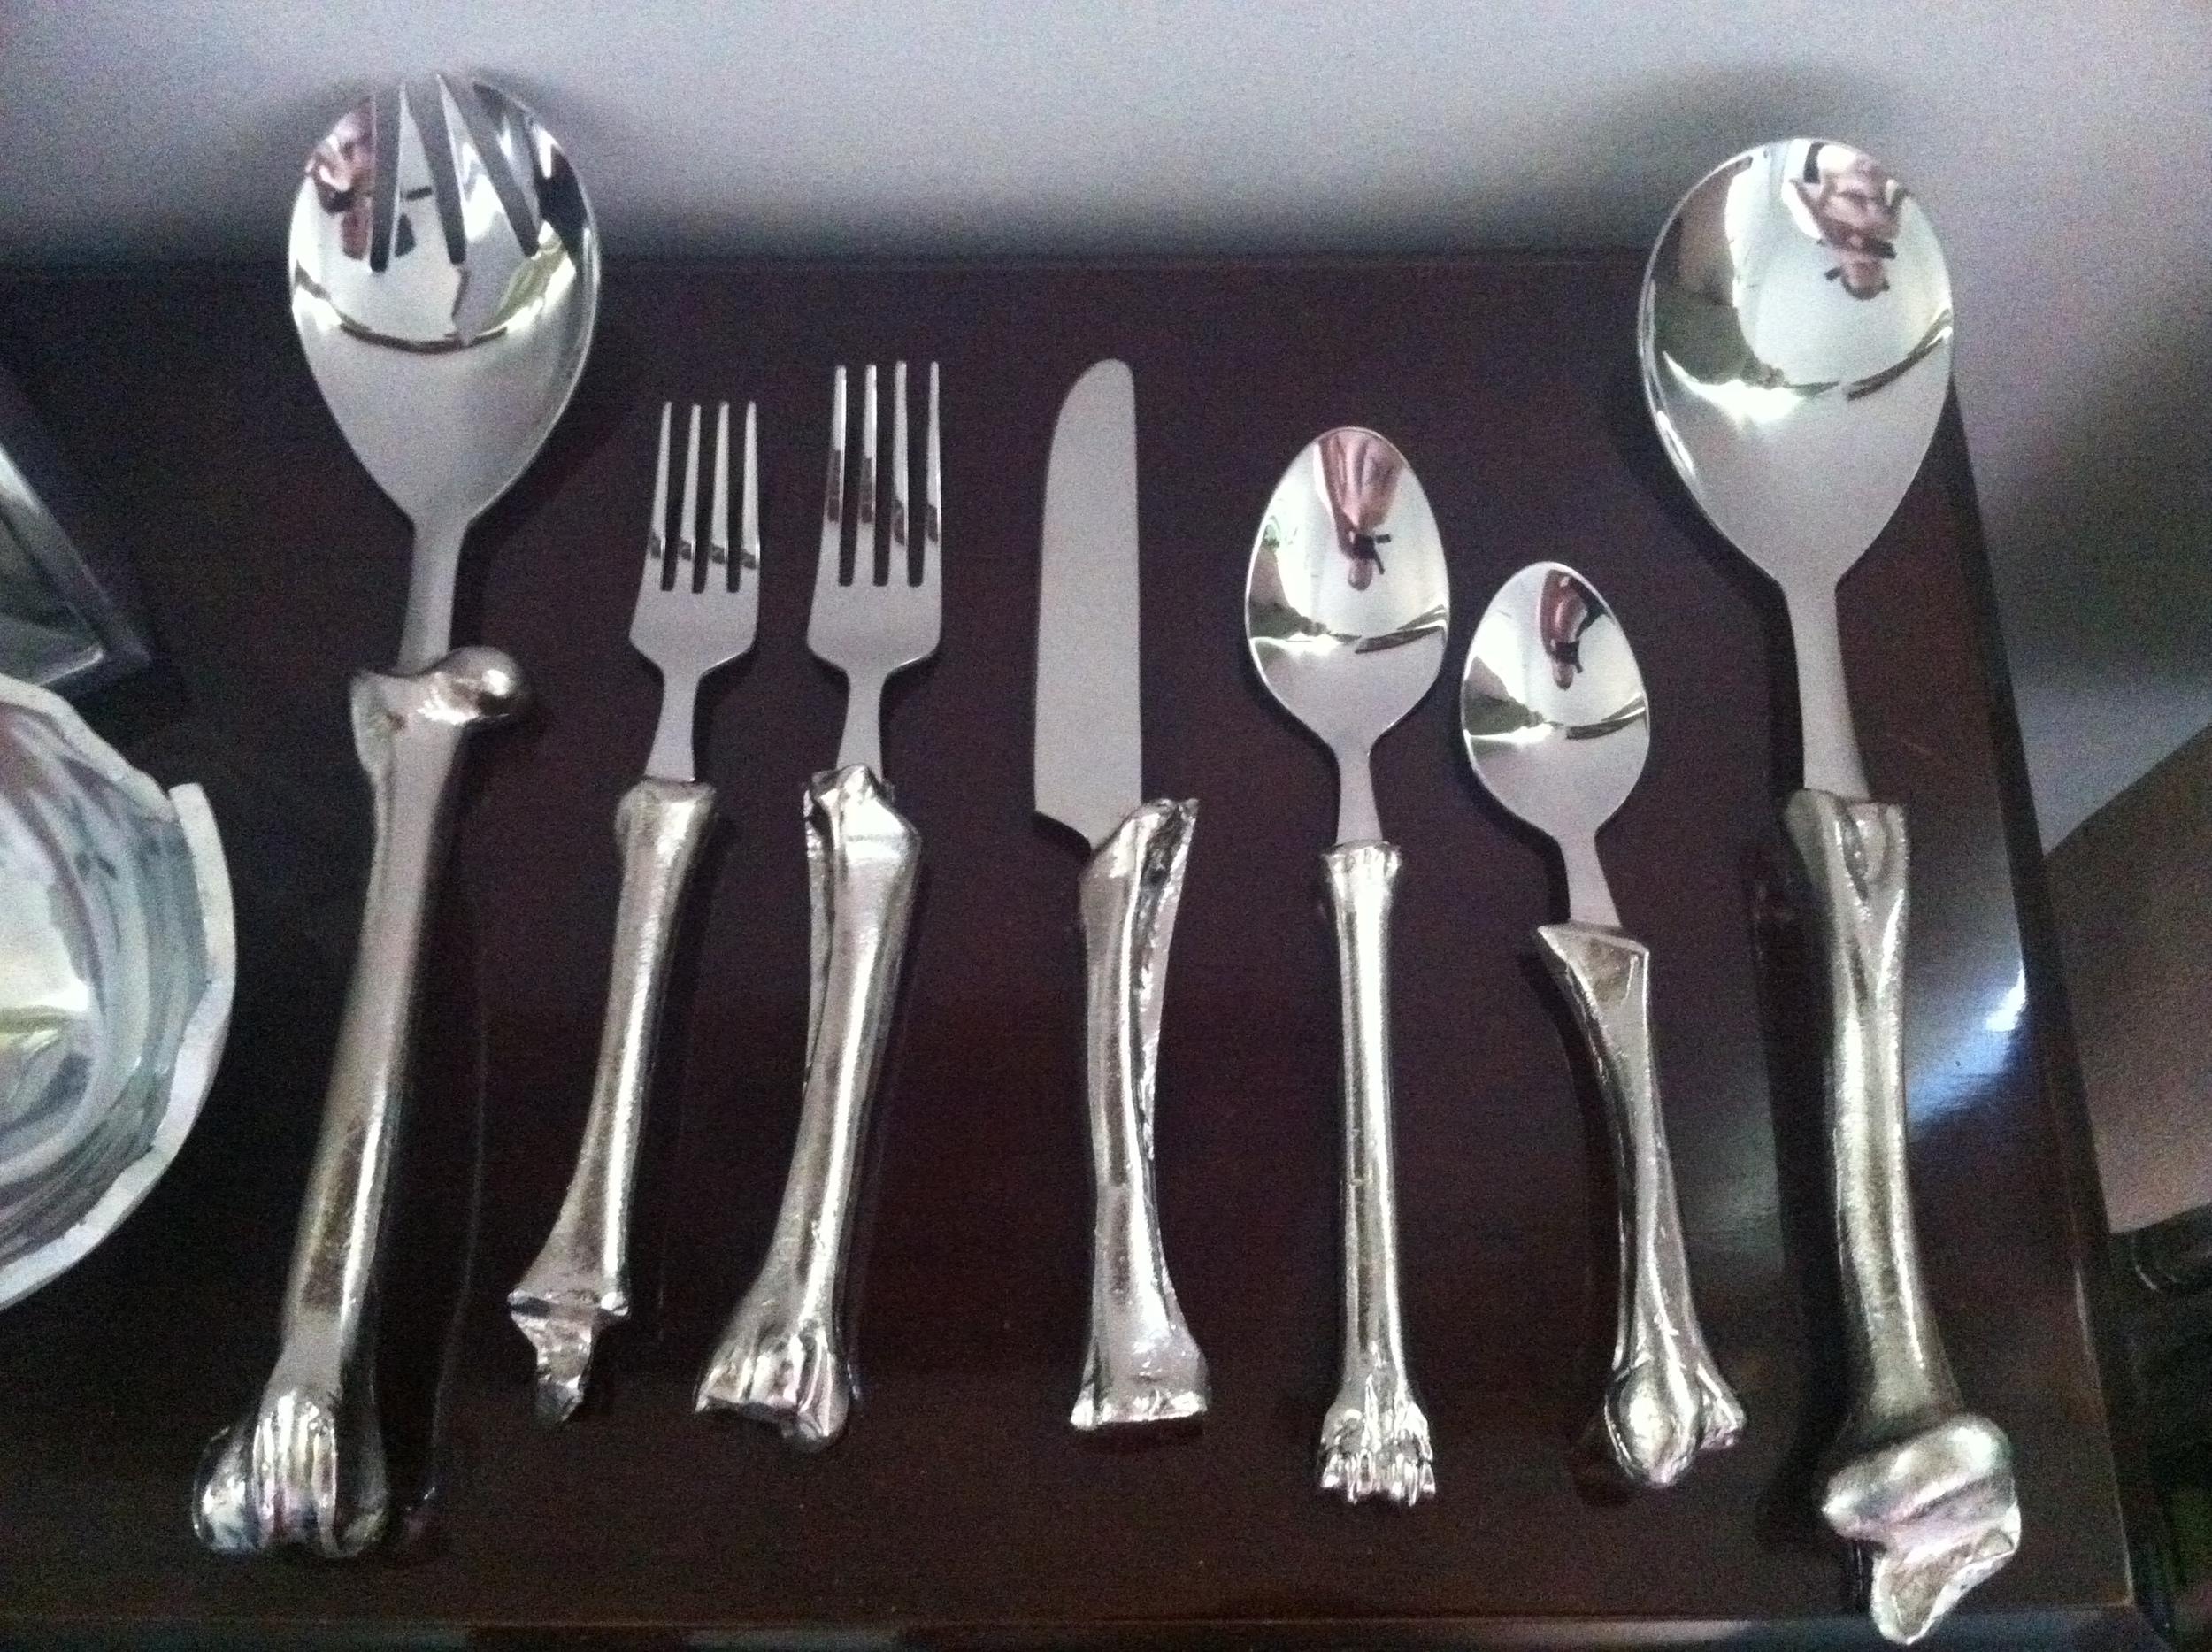 """Jesse Waugh """"Goat Bone Cutlery"""" 2011 Stainless steel"""